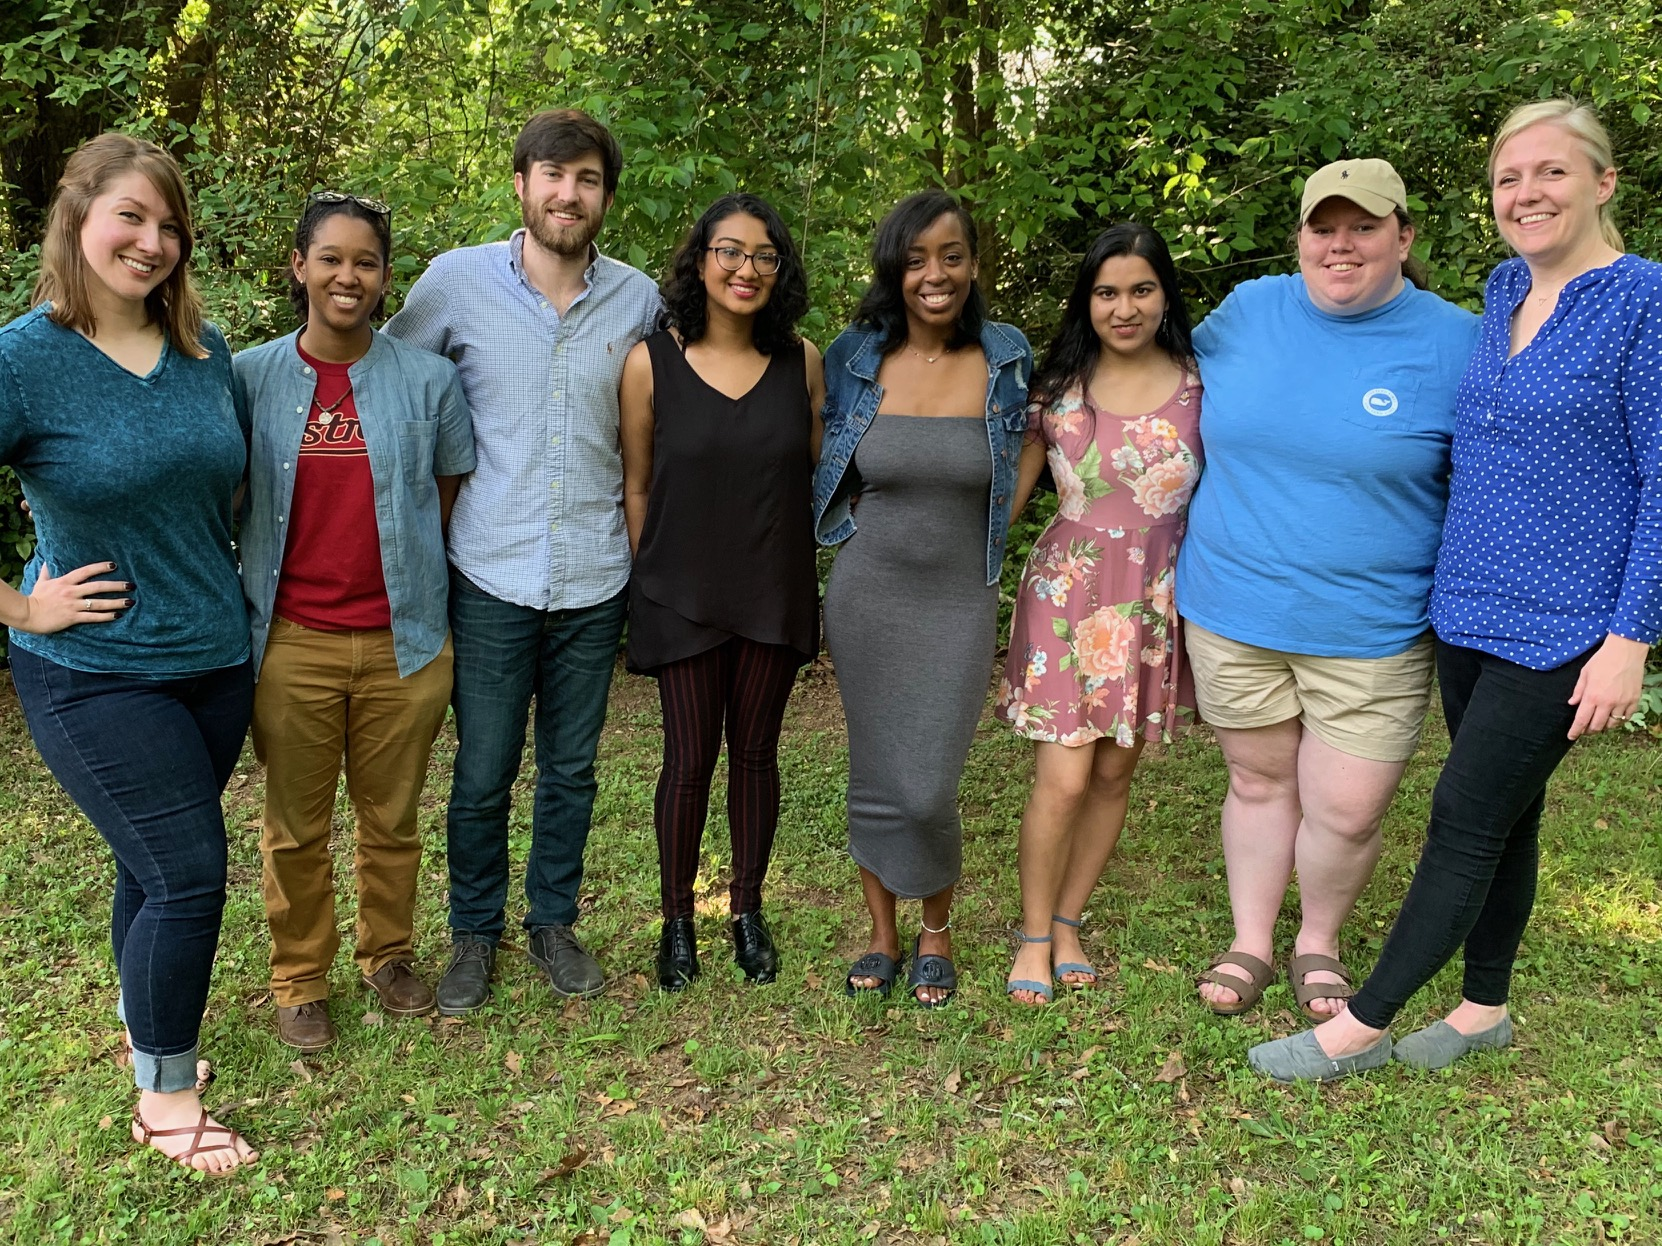 From L to R: Jennifer, Britessia, Garrett, Tulip, Alicia, Yamini, Lauren & RRG.  (Not pictured: Jada & Princess)